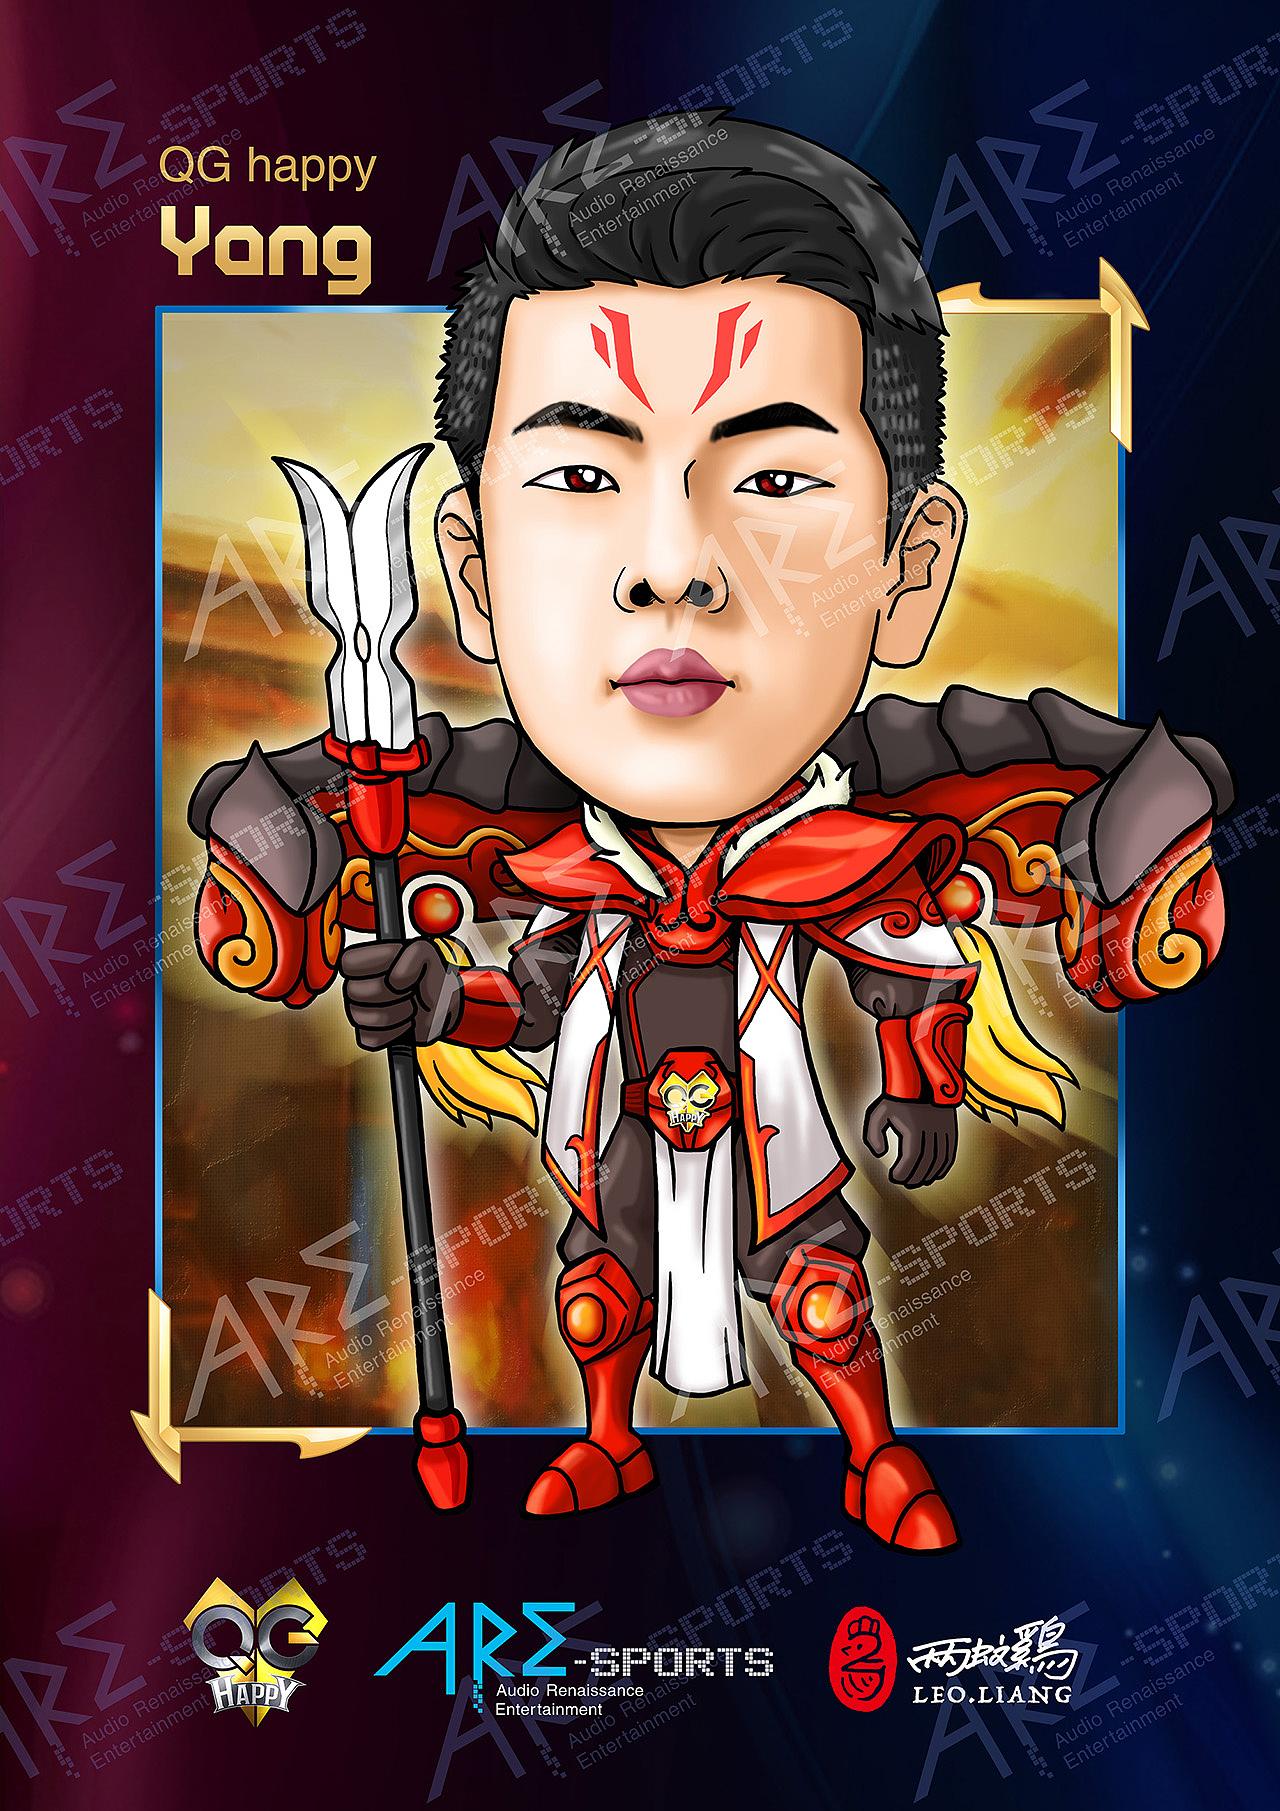 王者荣耀-qg战队漫画人物